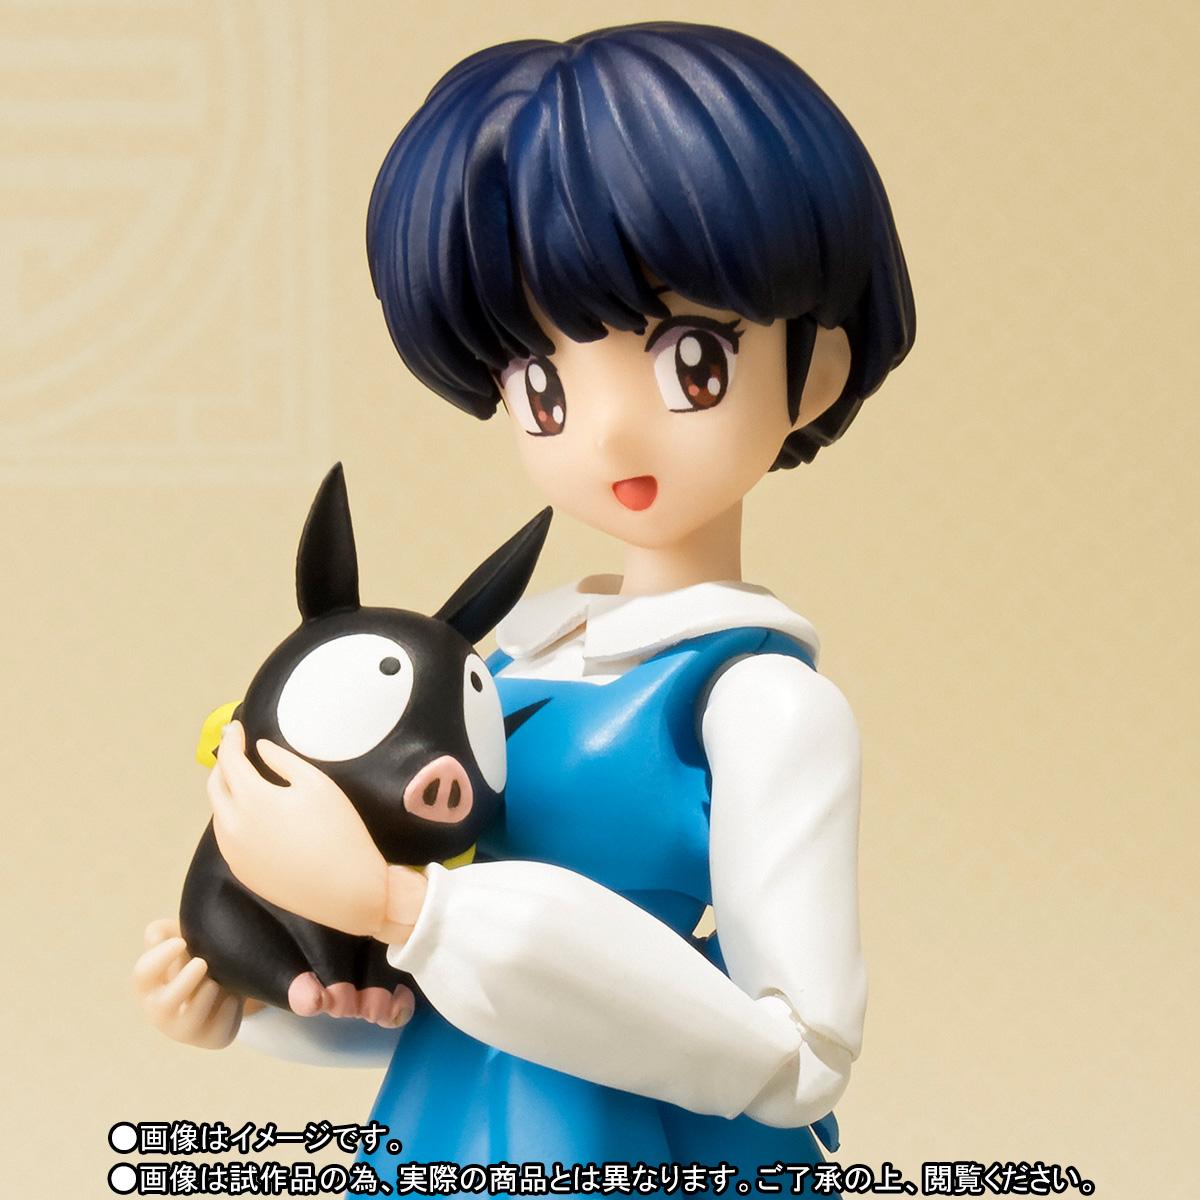 Ranma 1/2 - P-Chan - Tendou Akane - S.H.Figuarts (Limited Pre-order)